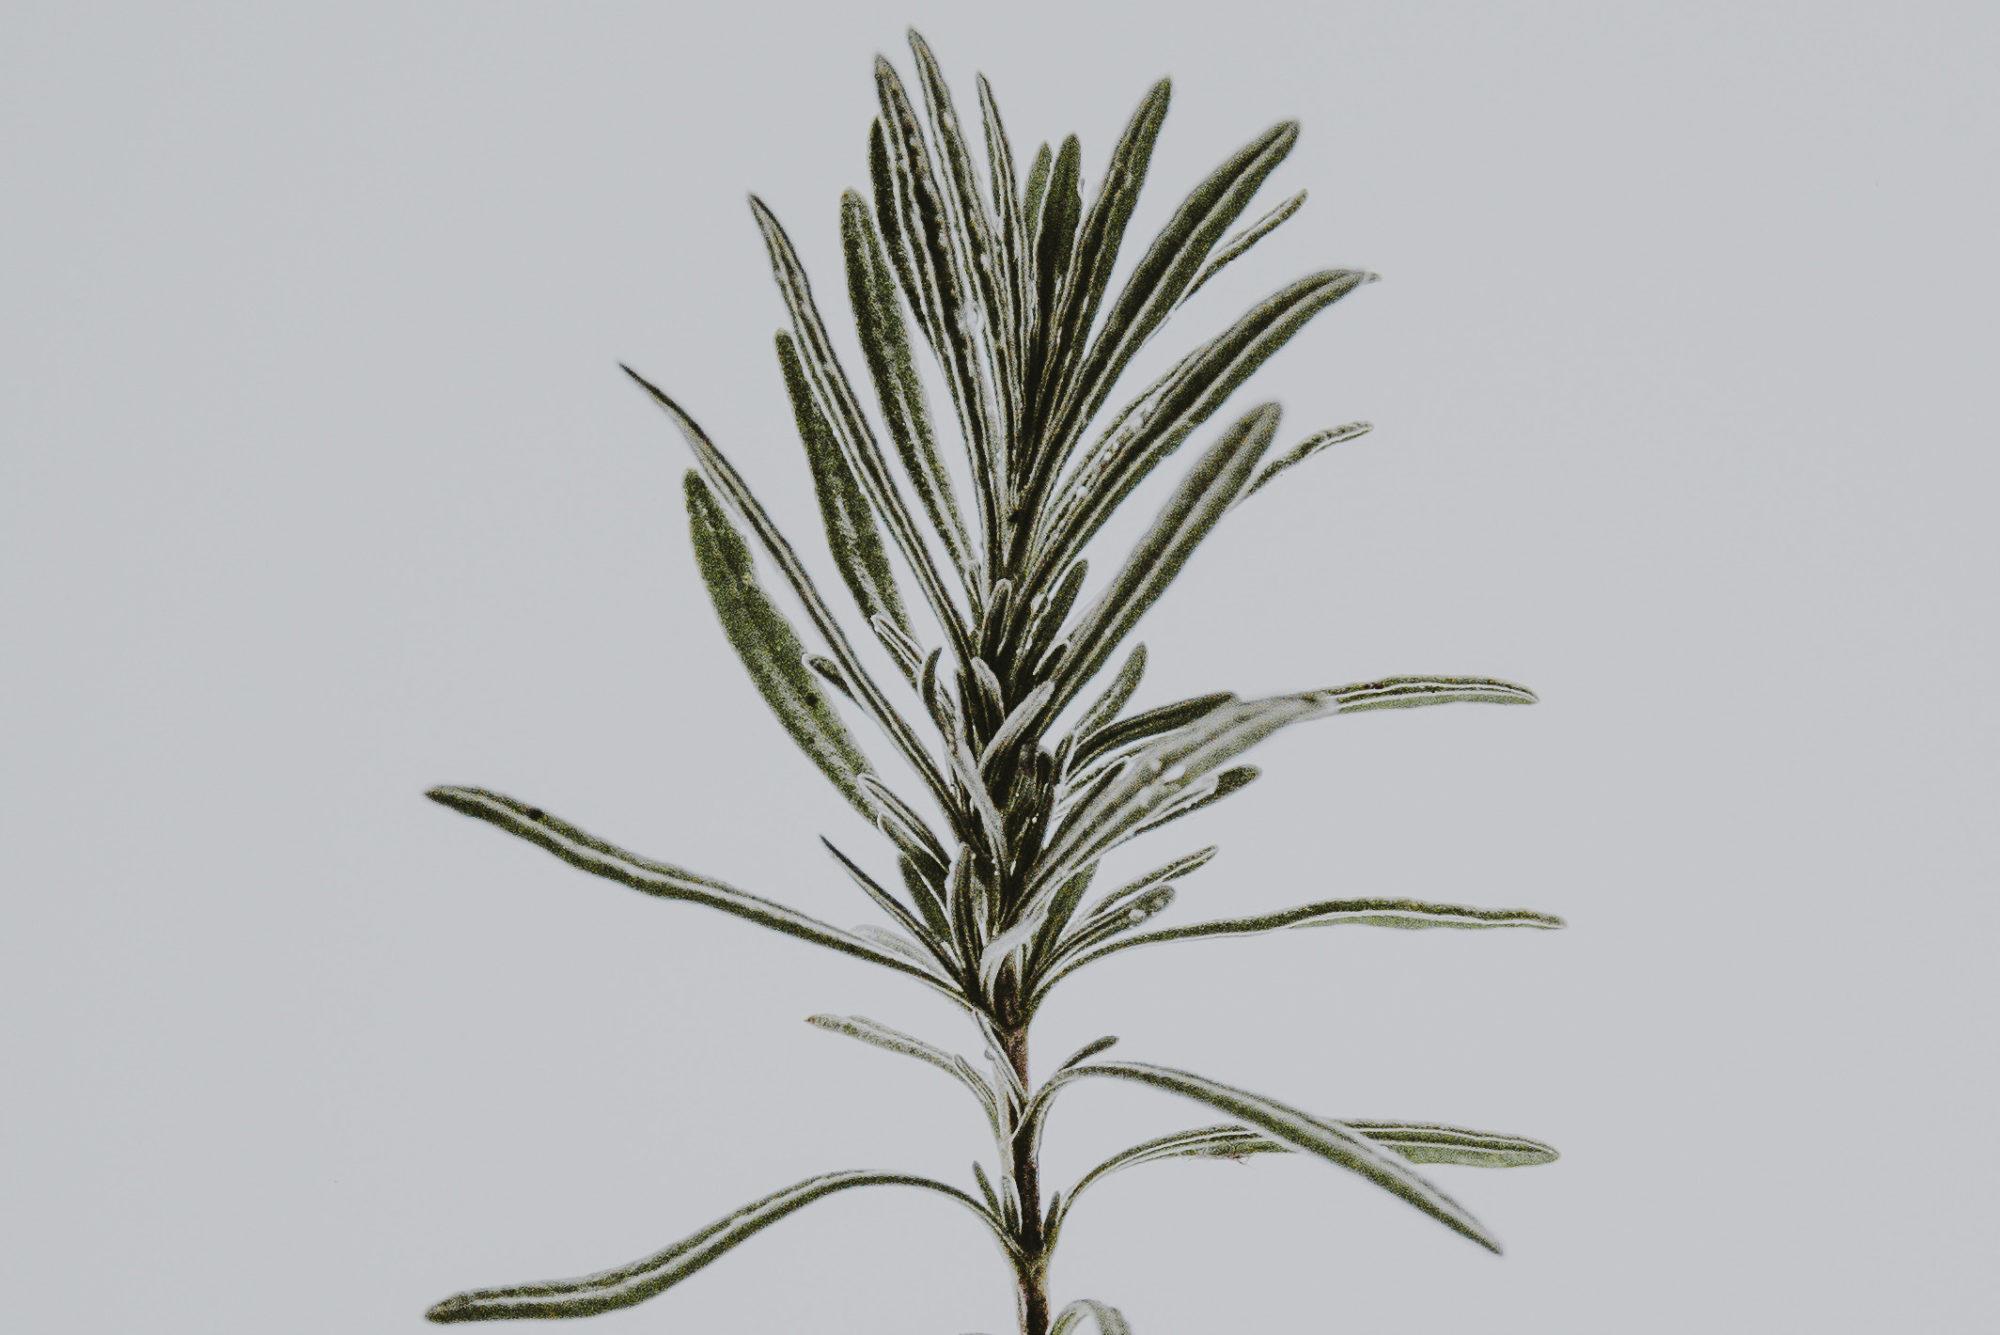 Concello de Muras | Curso de plantas aromáticas e medicinais |